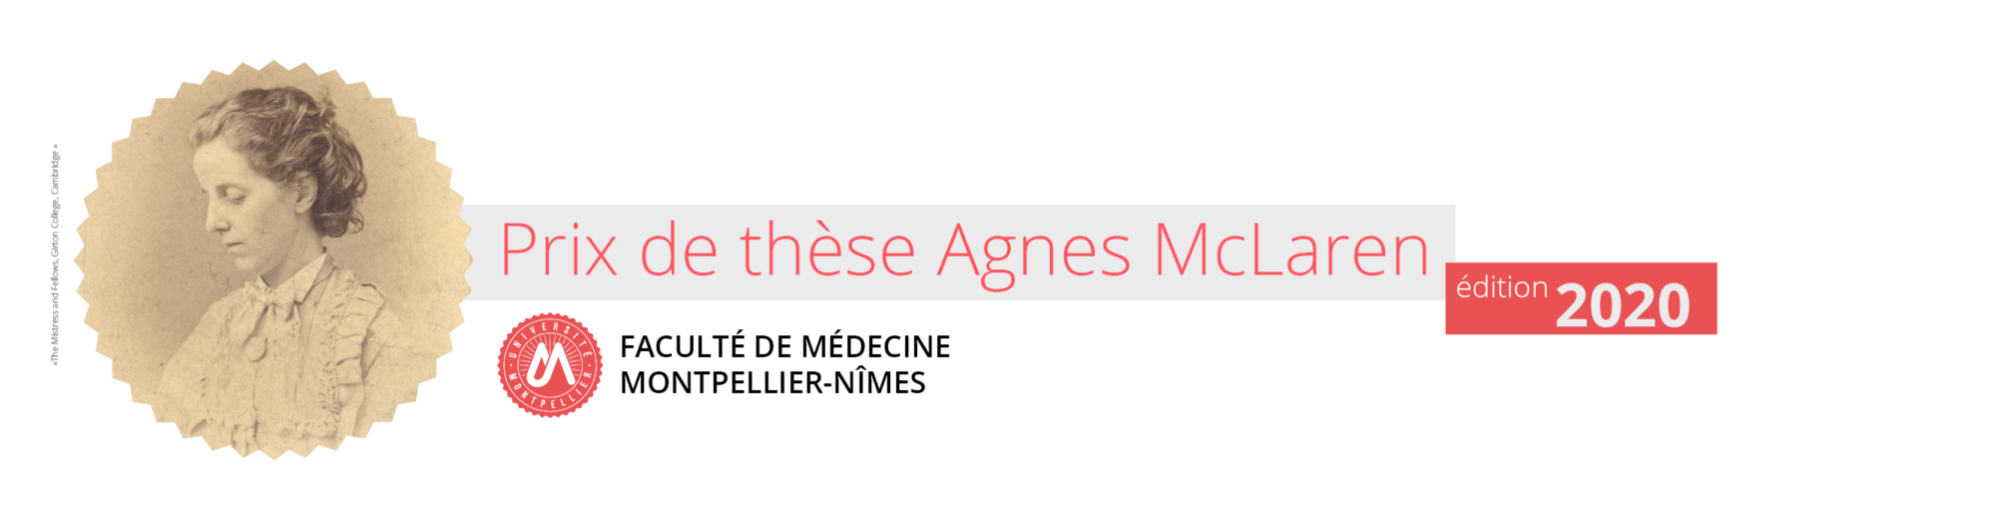 Prix de thèse Agnes McLaren 2020